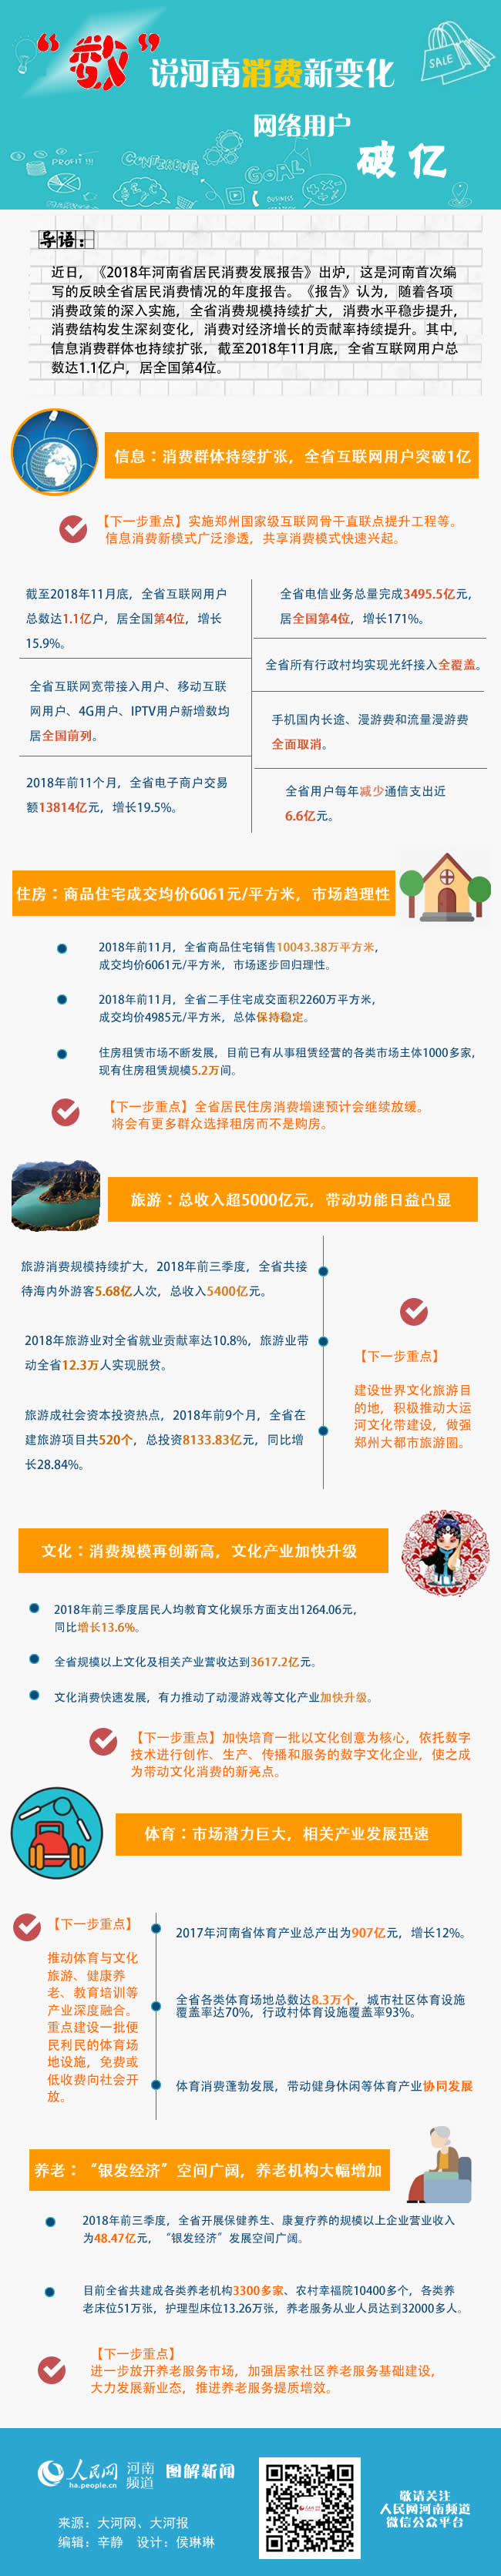 2018年河南省居民消费发展报告 网络用户破亿